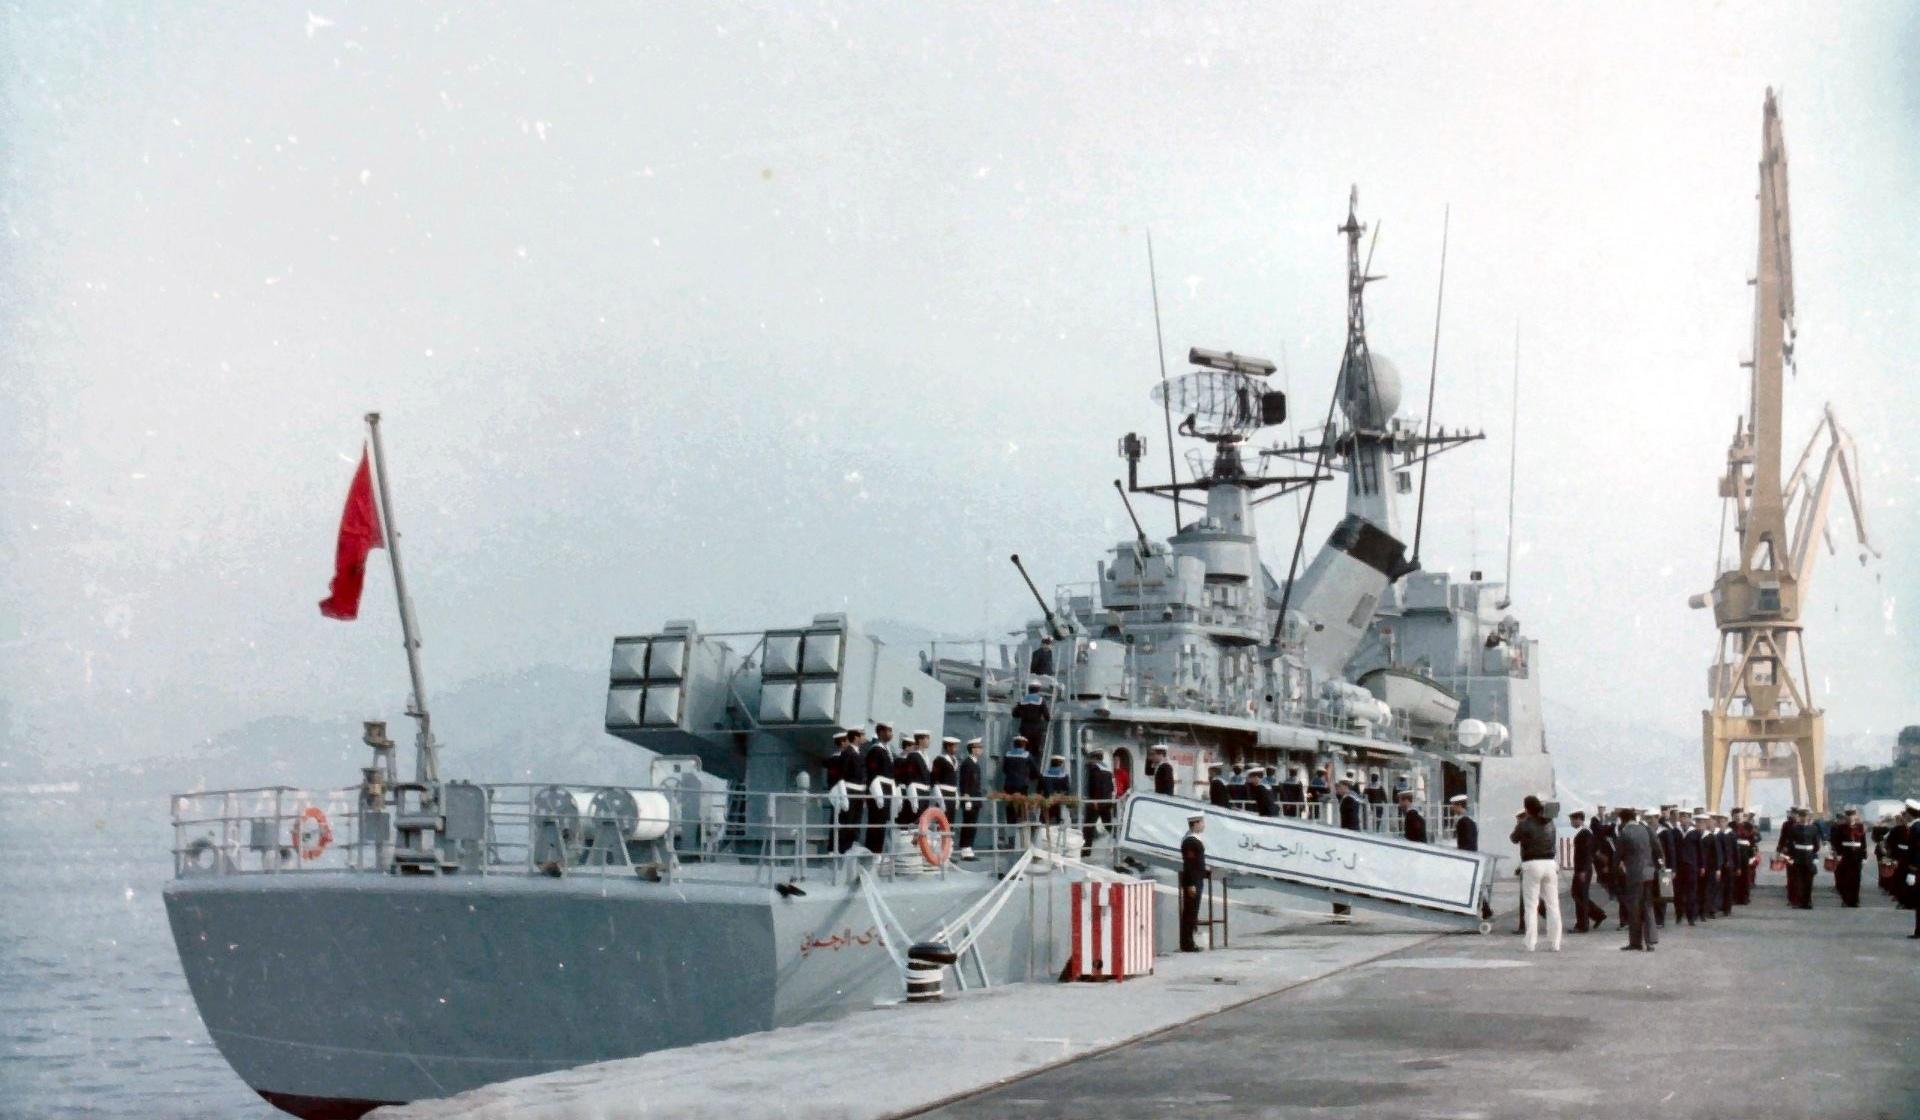 Royal Moroccan Navy Descubierta Frigate / Corvette Lt Cl Errahmani - Bâtiment École - Page 4 Clipb524